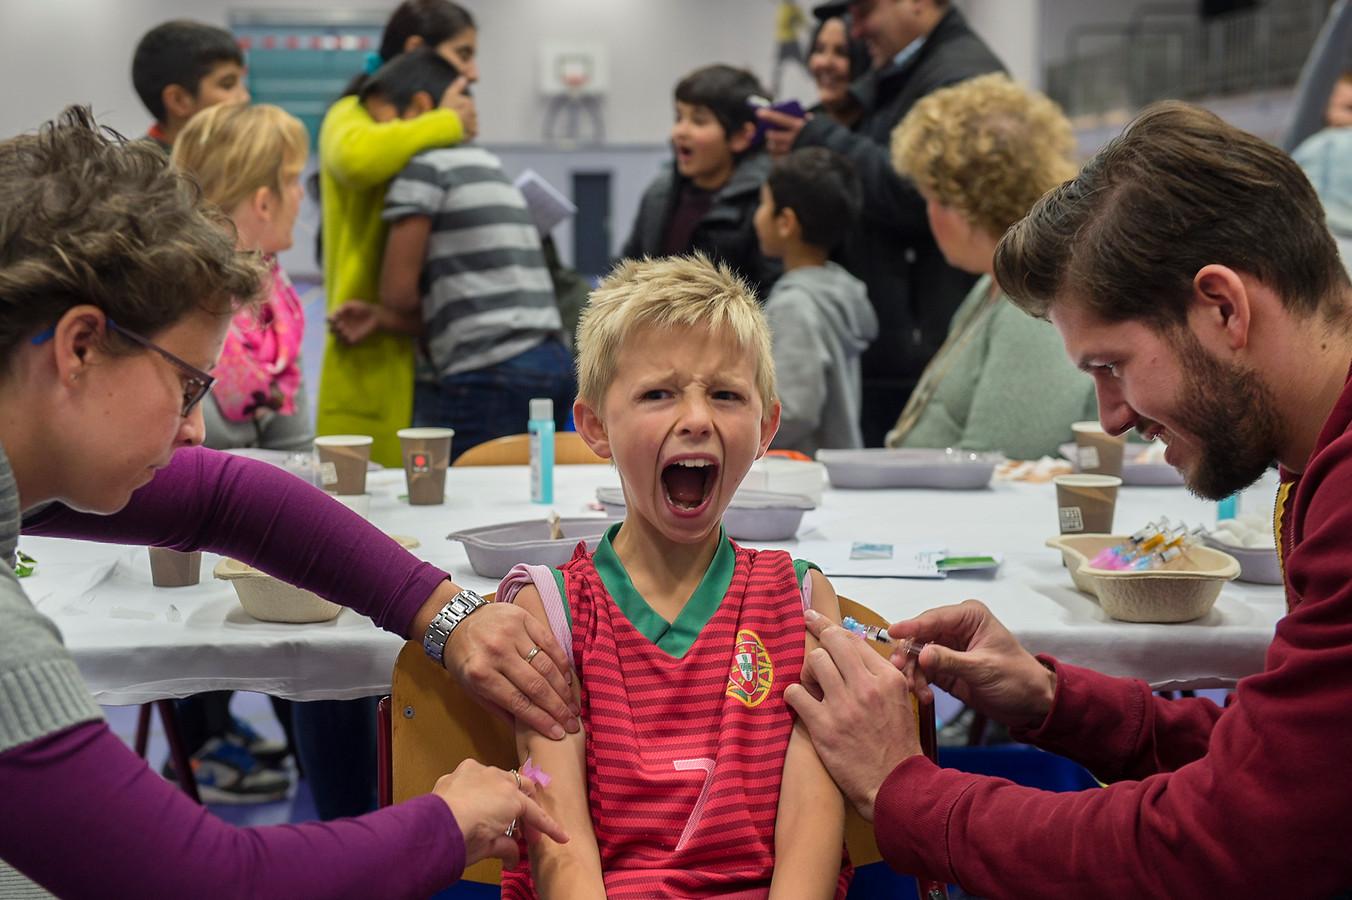 Ter illustratie: Honderden kinderen in Arnhem krijgen een inenting tegen ziekten als difterie, tetanus en polio.